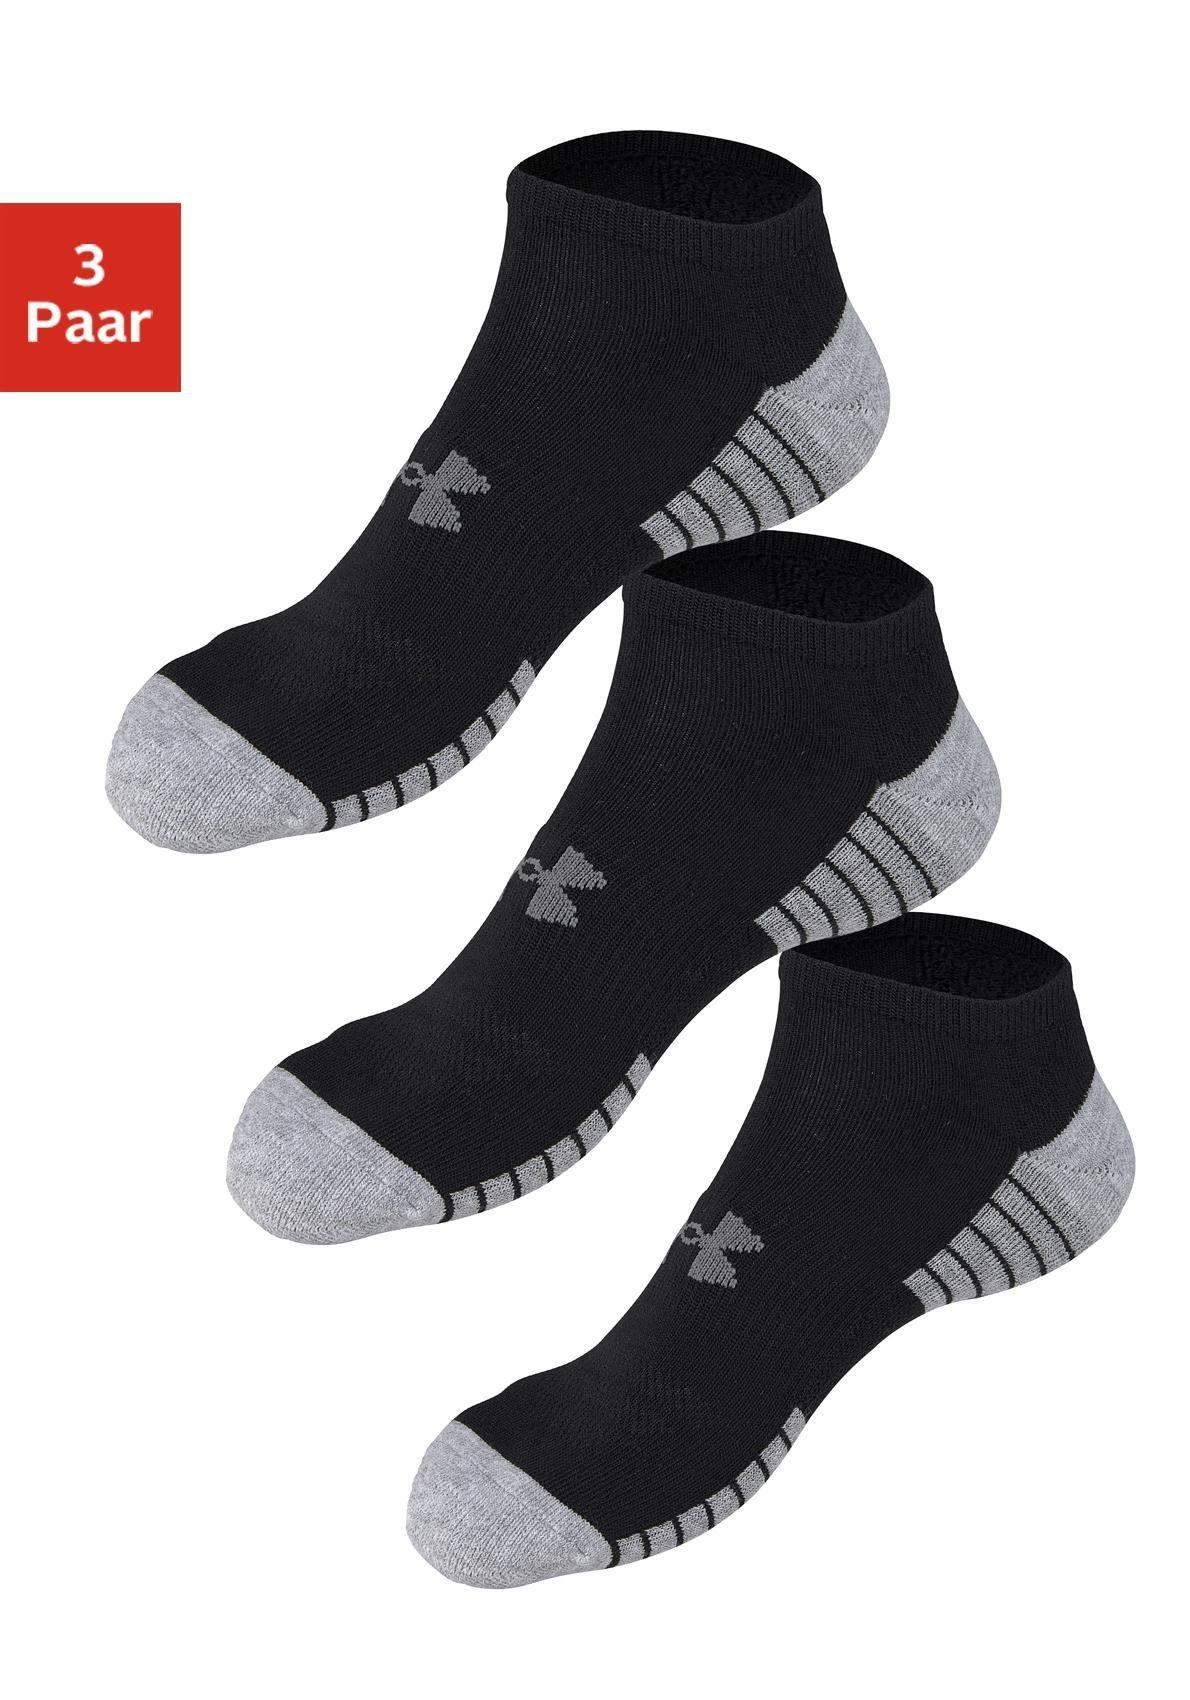 PUMA Sneakersocken (2 Paar) mit Netzstoff Einsätzen online kaufen   OTTO